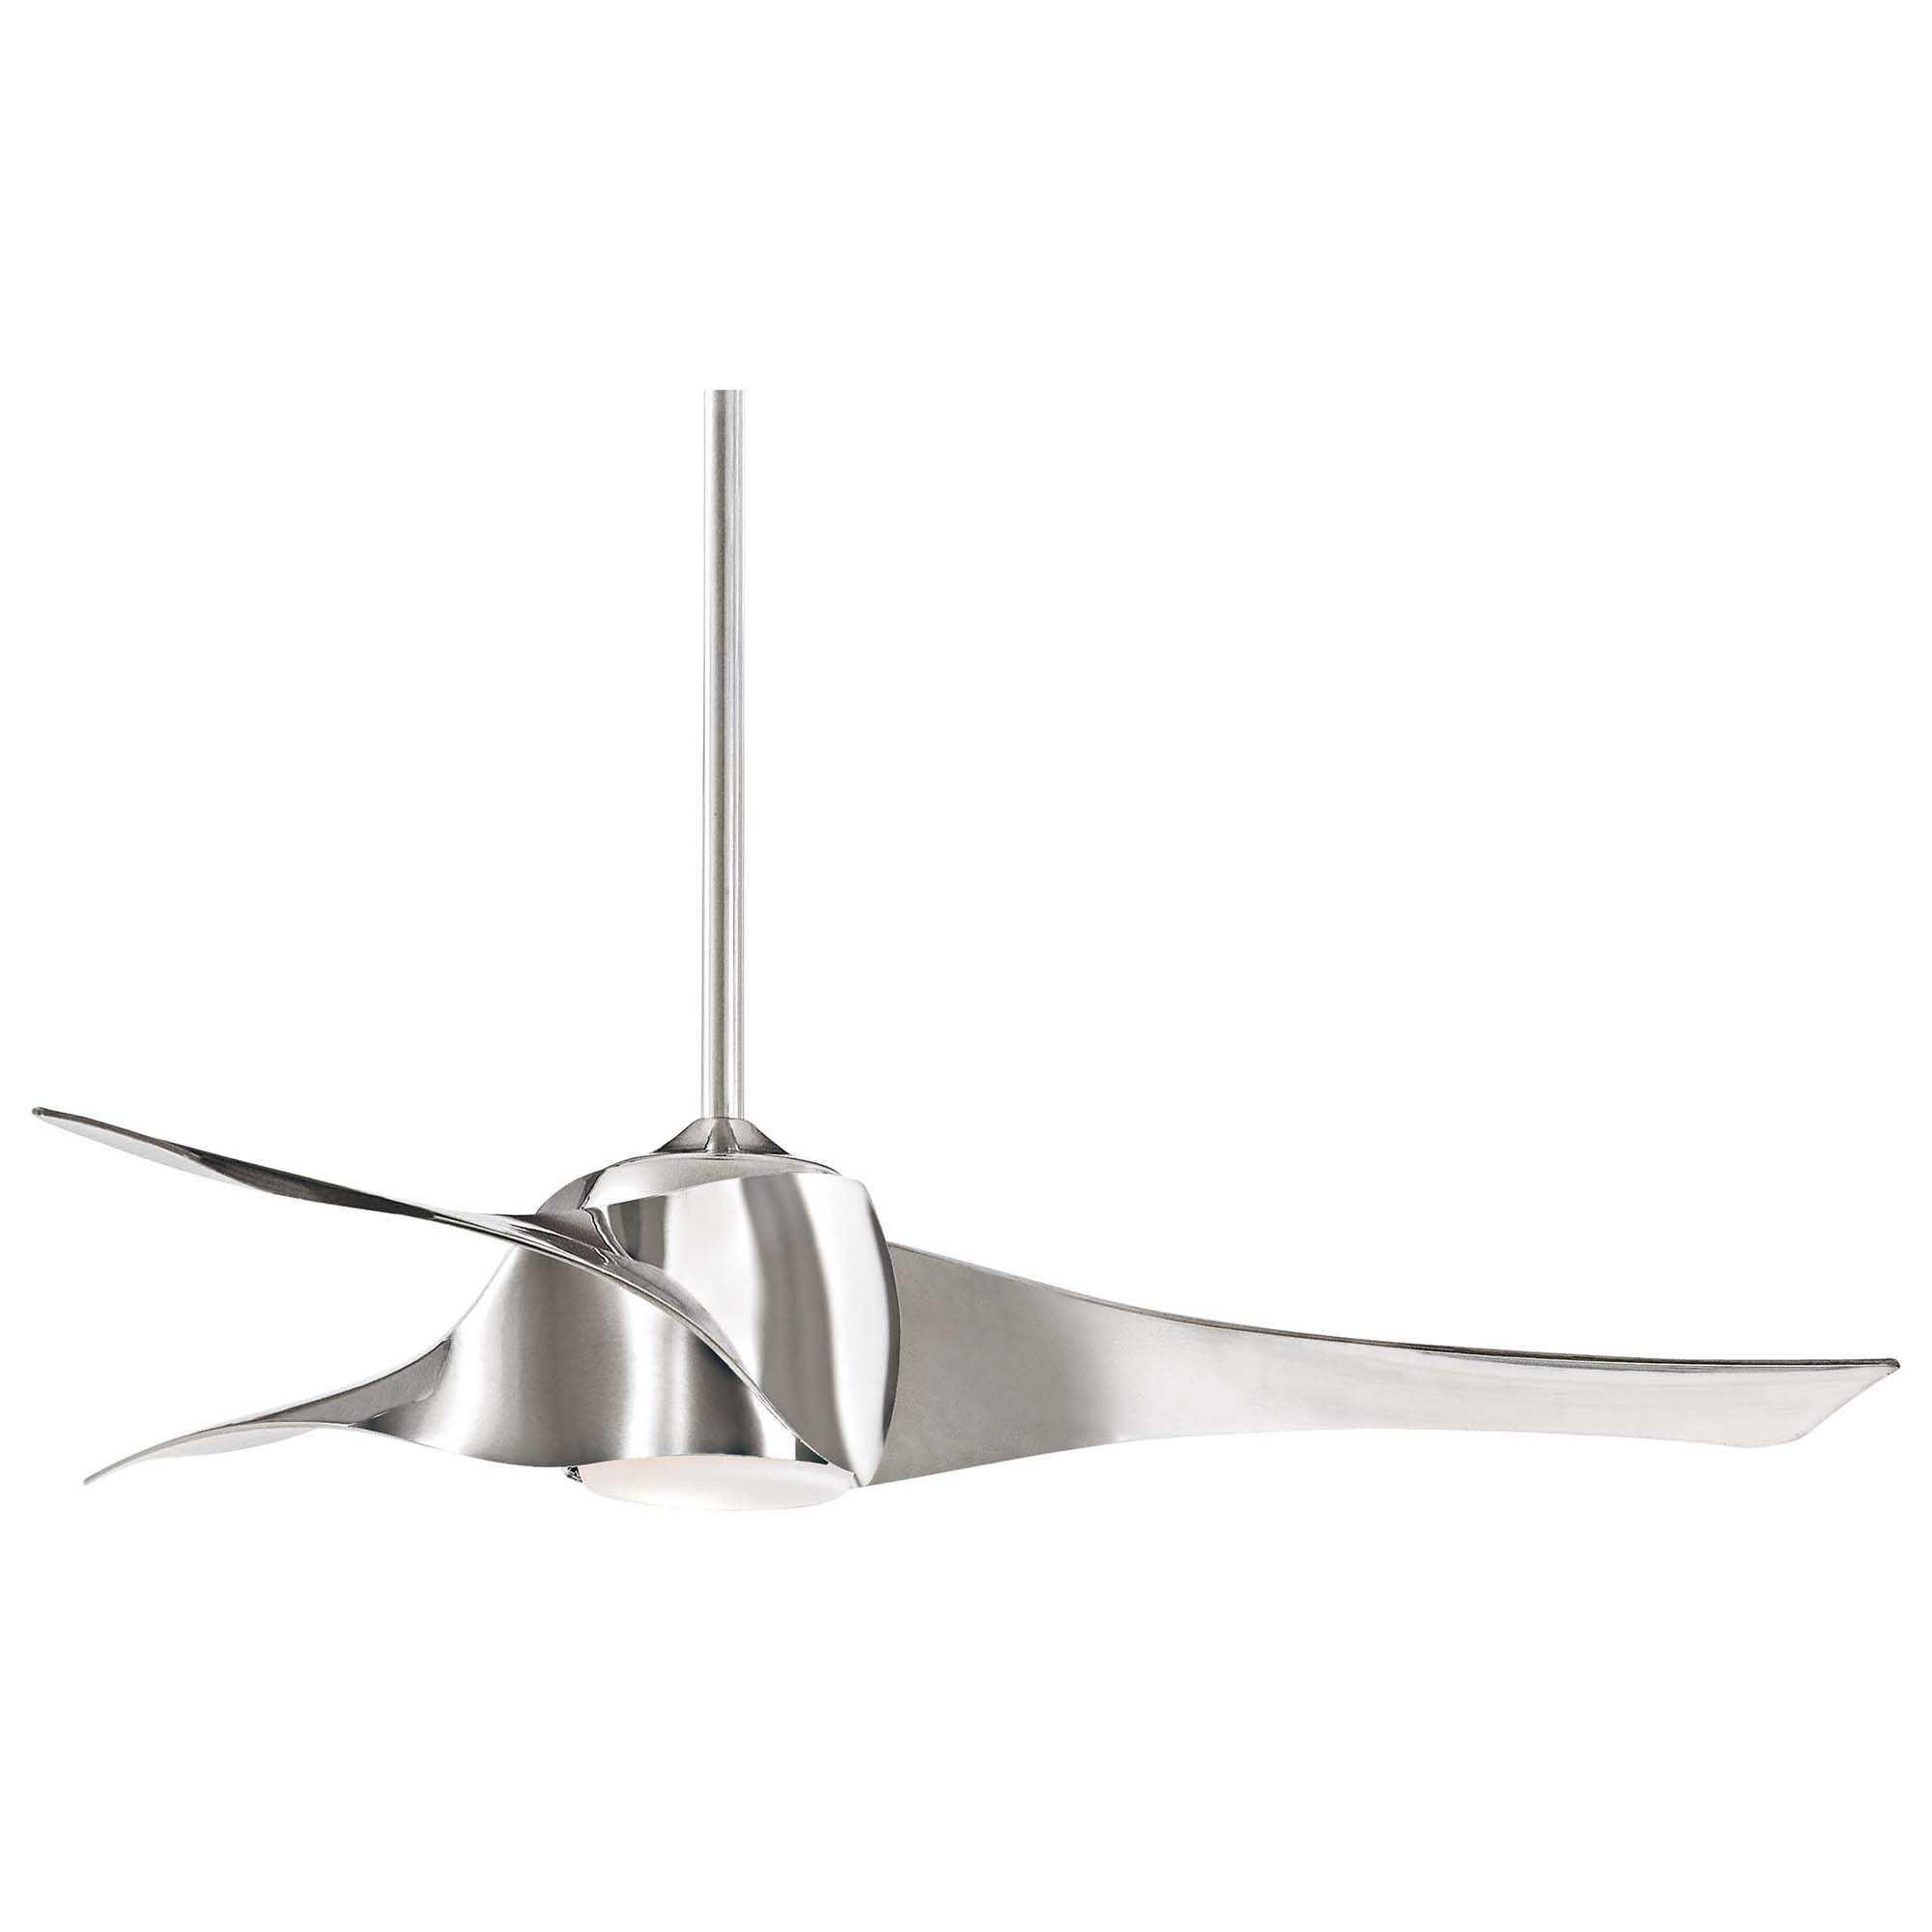 Minka Aire Artemis™ 58 Inch Ceiling Fan in Liquid Nickel